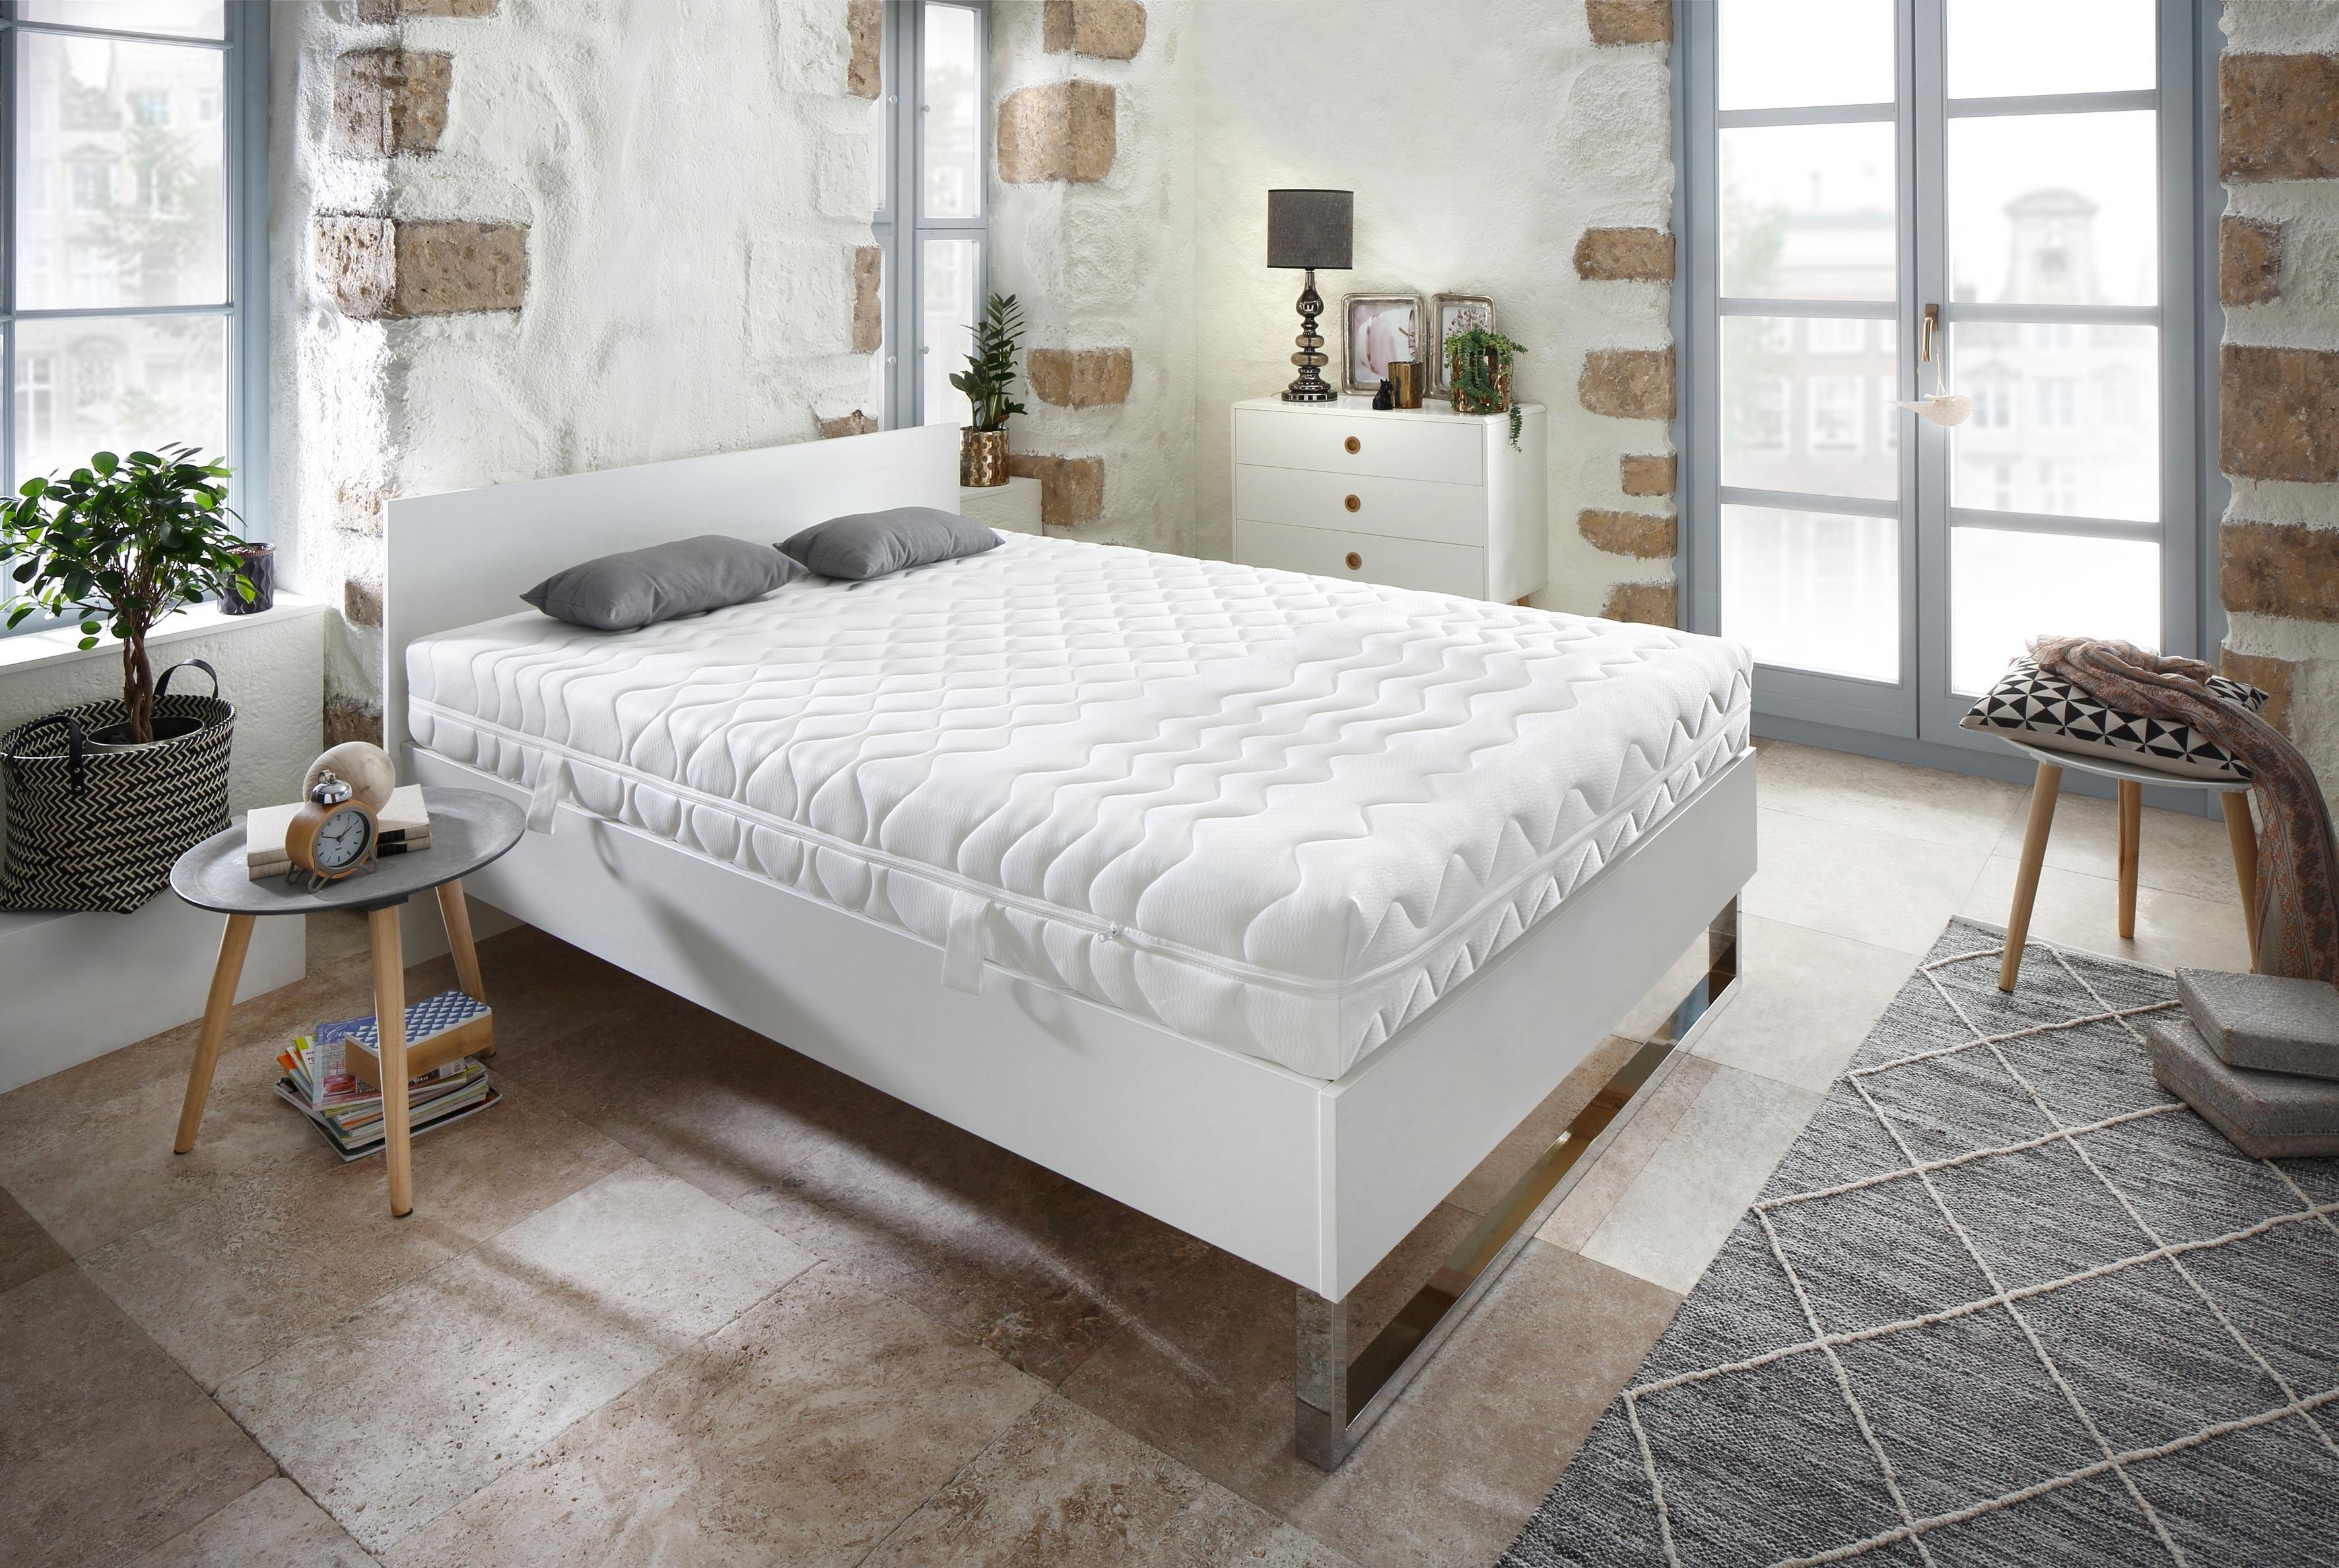 Komfortschaummatratze »7-Zonen«, my home, 17 cm hoch, Raumgewicht: 30, (1-tlg) | Schlafzimmer > Matratzen > Kaltschaum-matratzen | my home